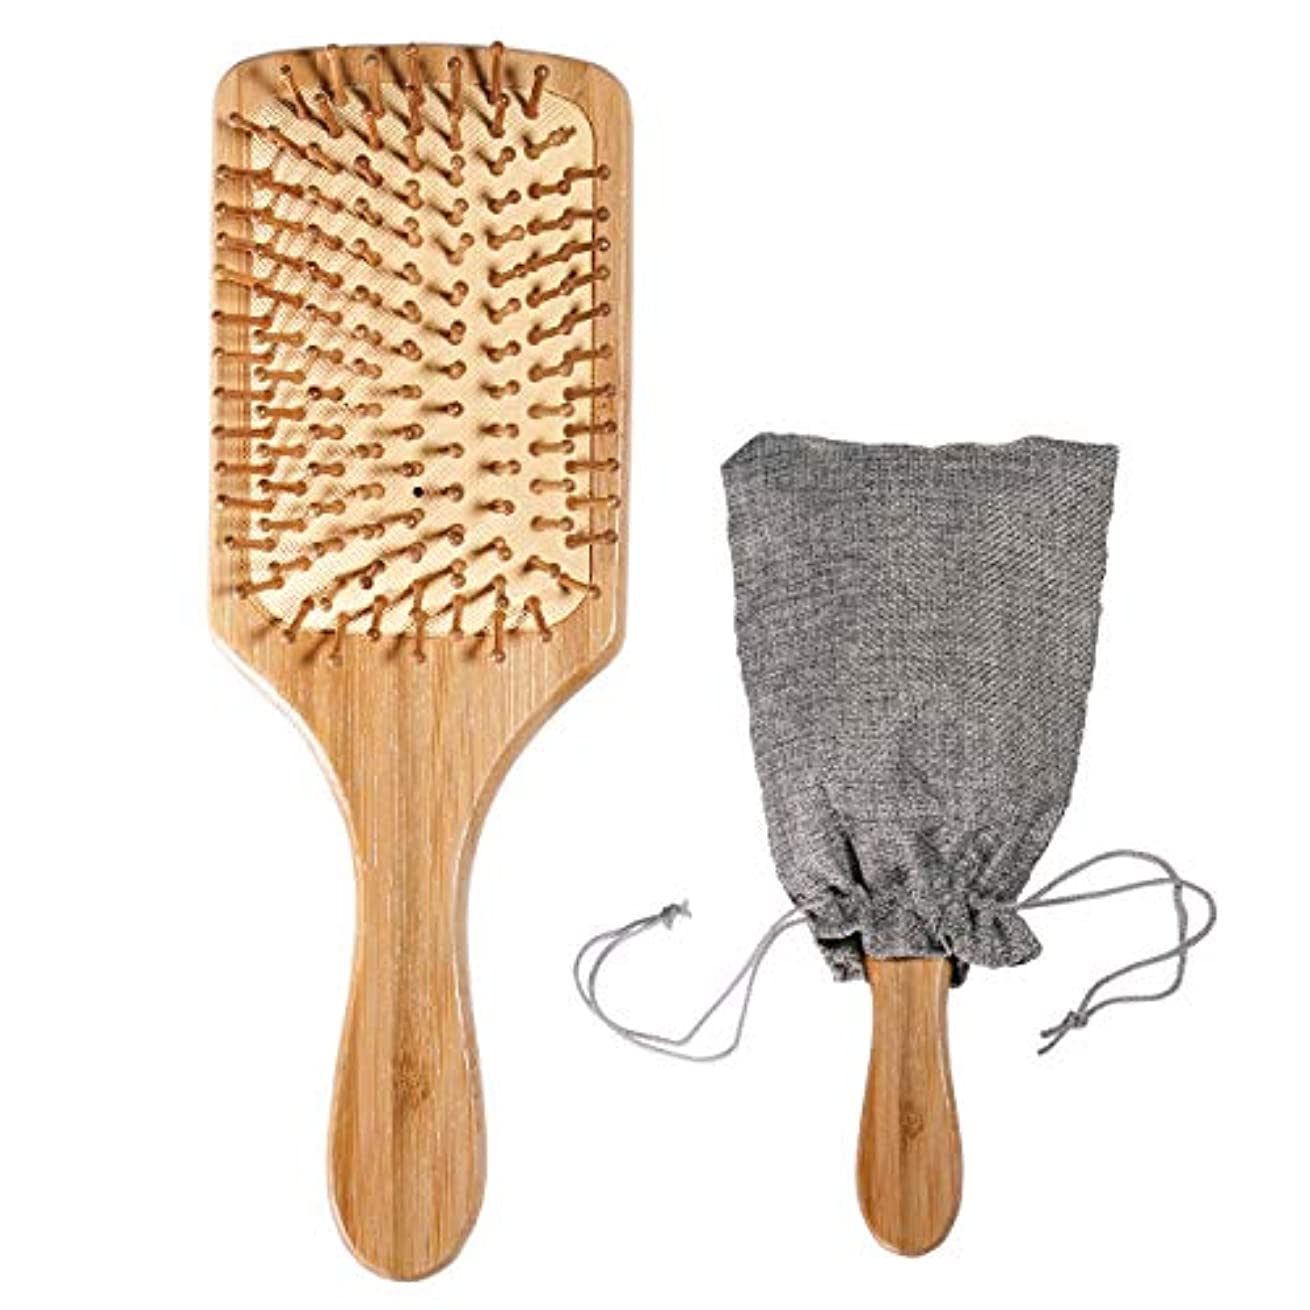 擁する乱雑な台無しに木製 竹ヘアブラシ(頭皮マッサージ 美髪ケア)ブラシクリーナー&巾着 付き